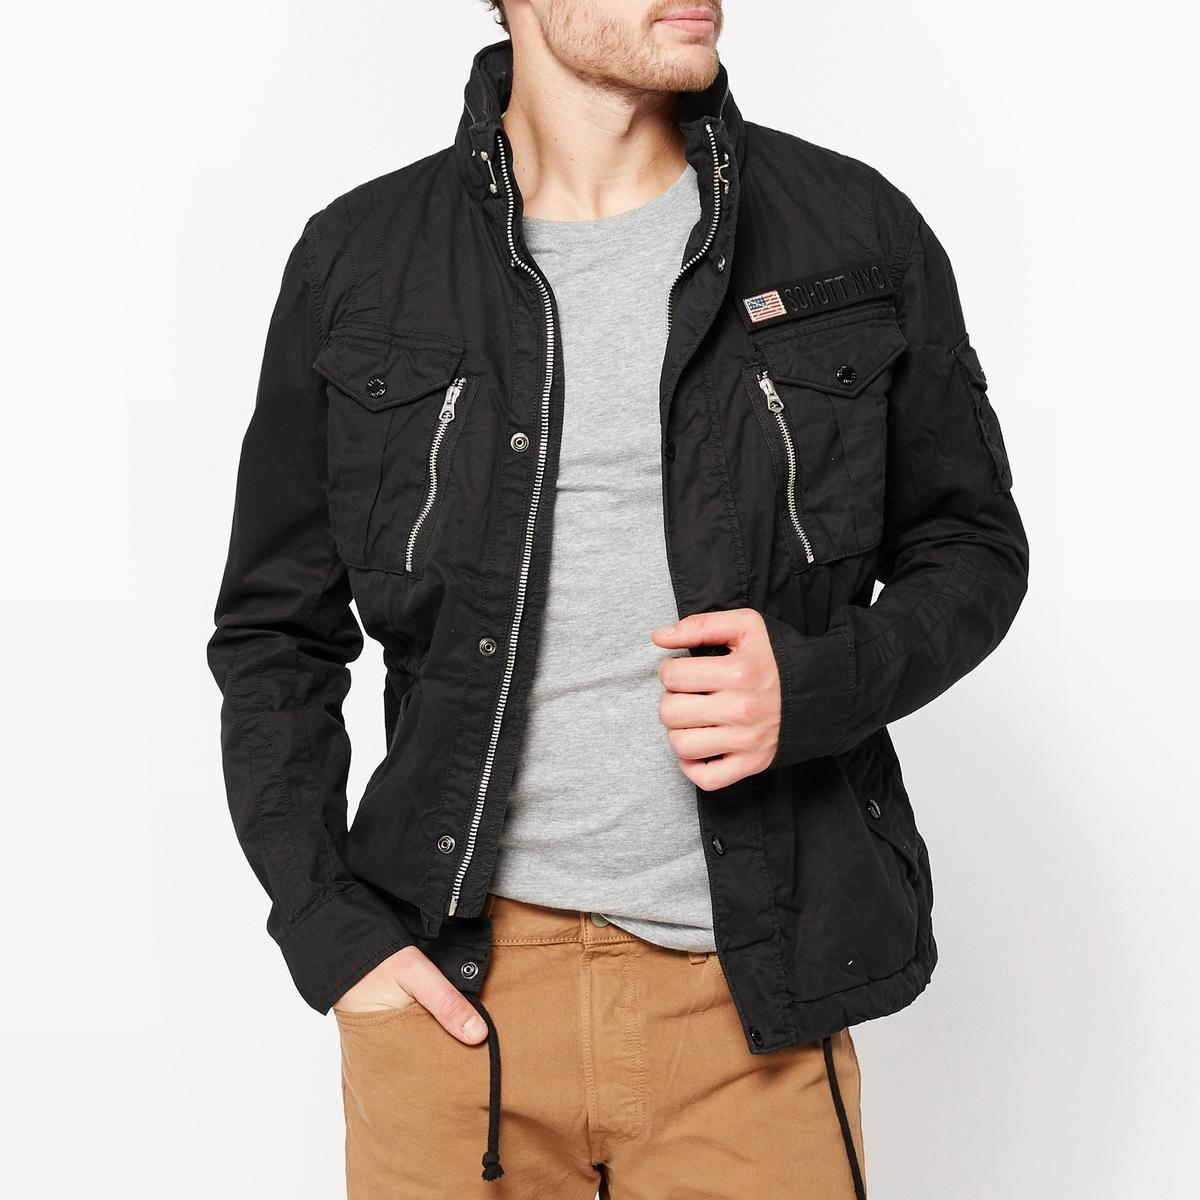 Куртка в стиле милитари Squad efbe schott 912 в саратове